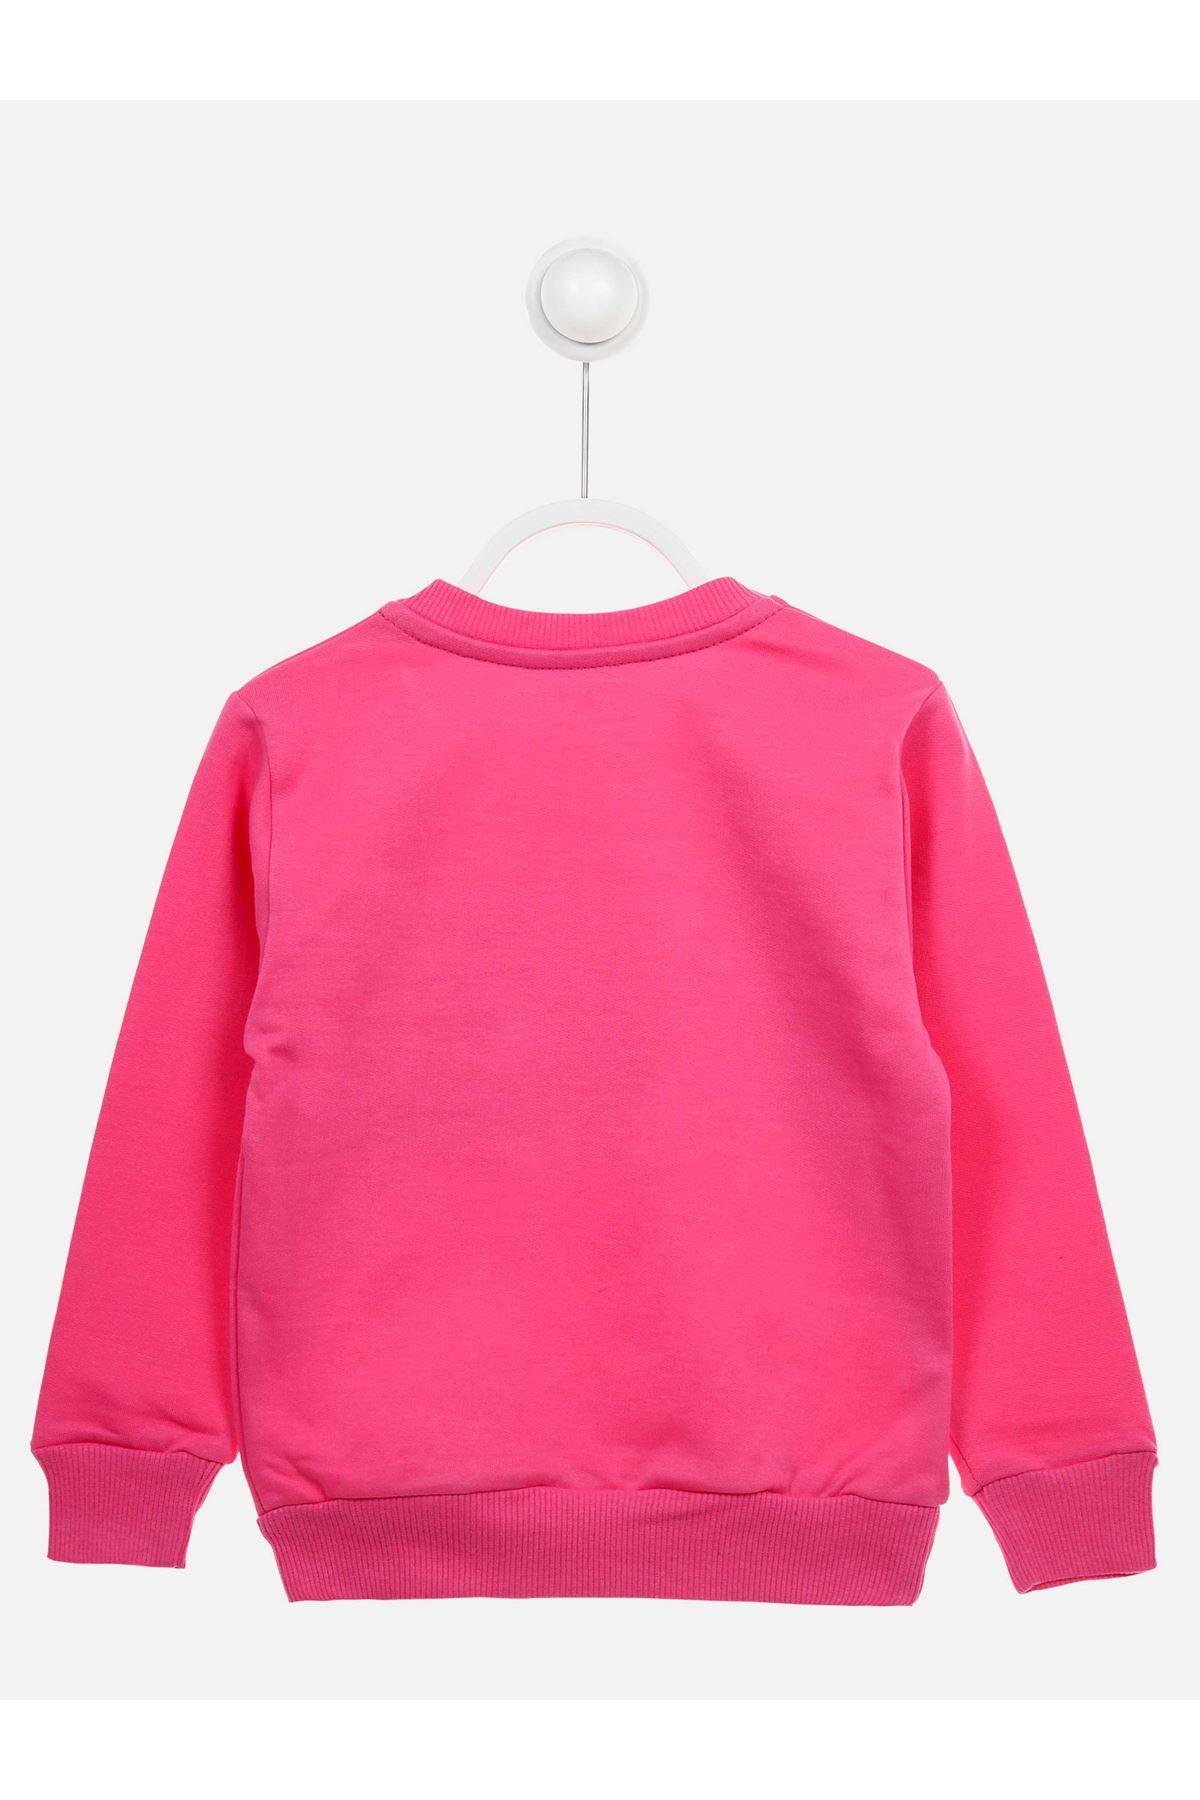 Pembe Mevsimlik Kız Çocuk Sweatshirt